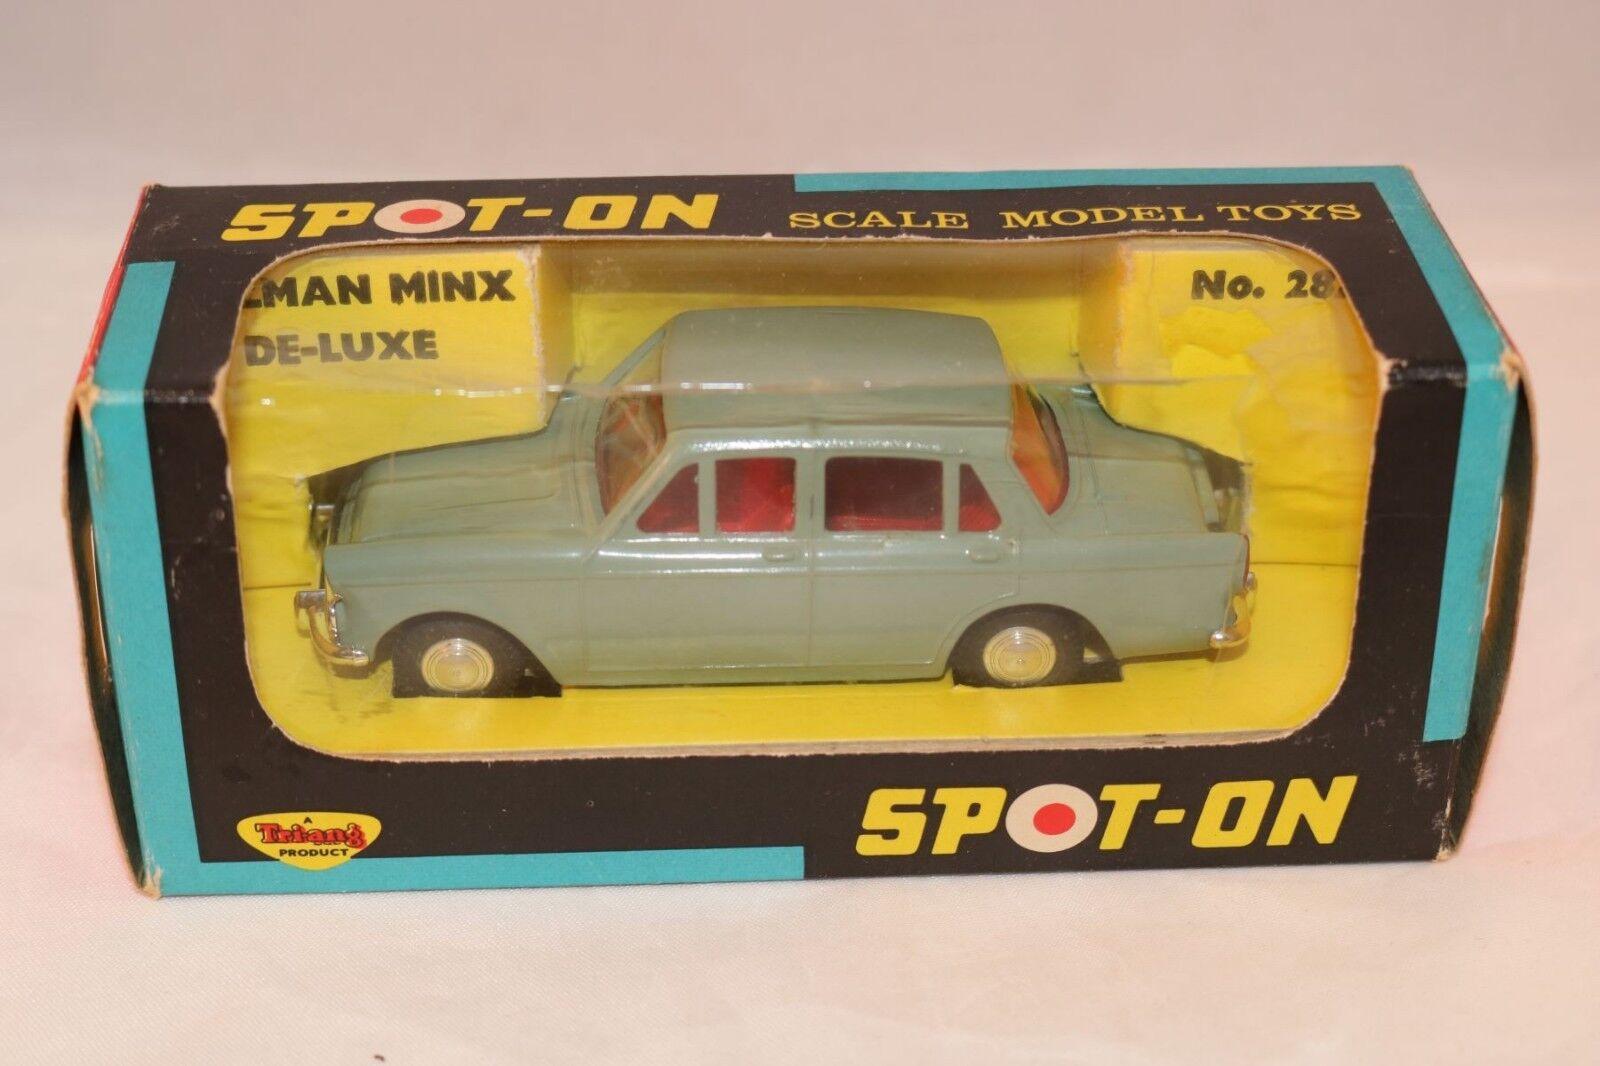 Spot-on Spoton 287 Hillman Minx De Luxe perfect mint in box a beauty